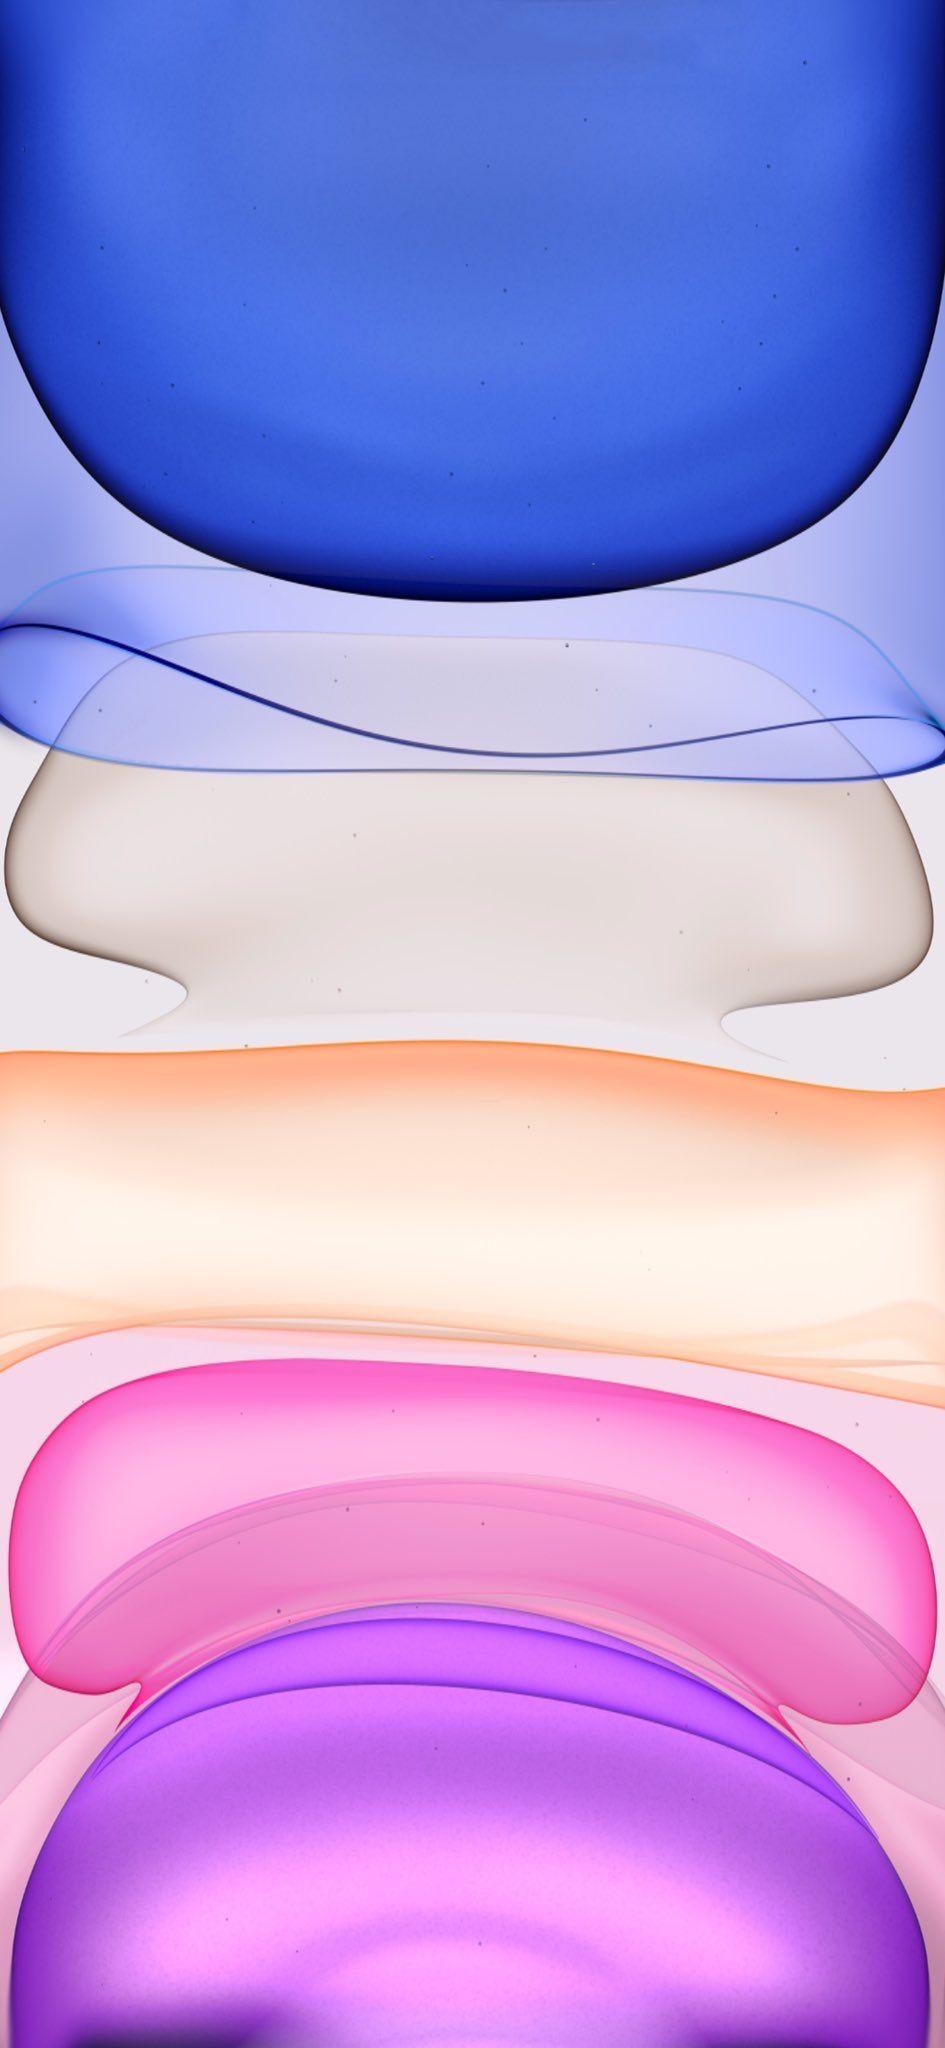 Epingle Par Dominic Sur Wallpaper Iphone 11 12 X Xs Max Fond D Ecran Hd Iphone Fond D Ecran Telephone Fond Ecran Samsung